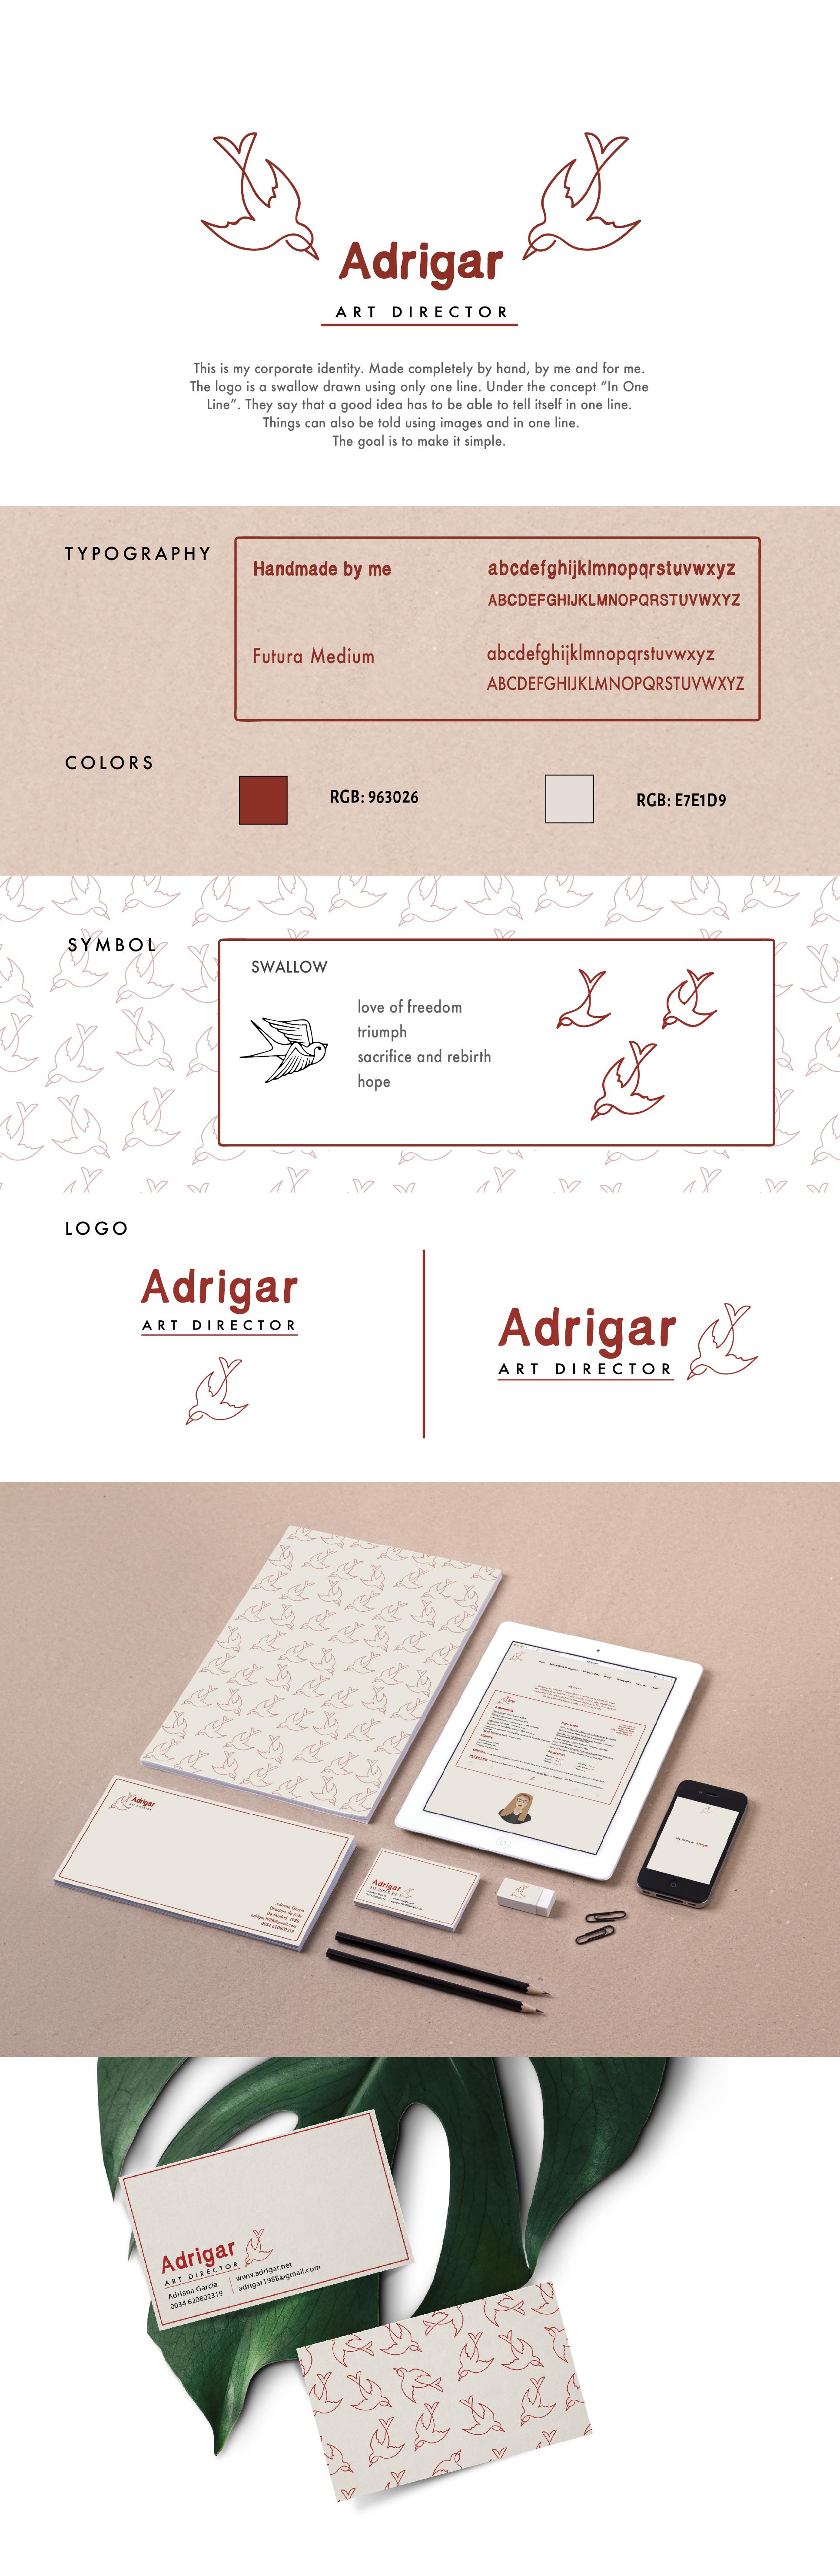 IDENTIDAD  adrigar-04.jpg